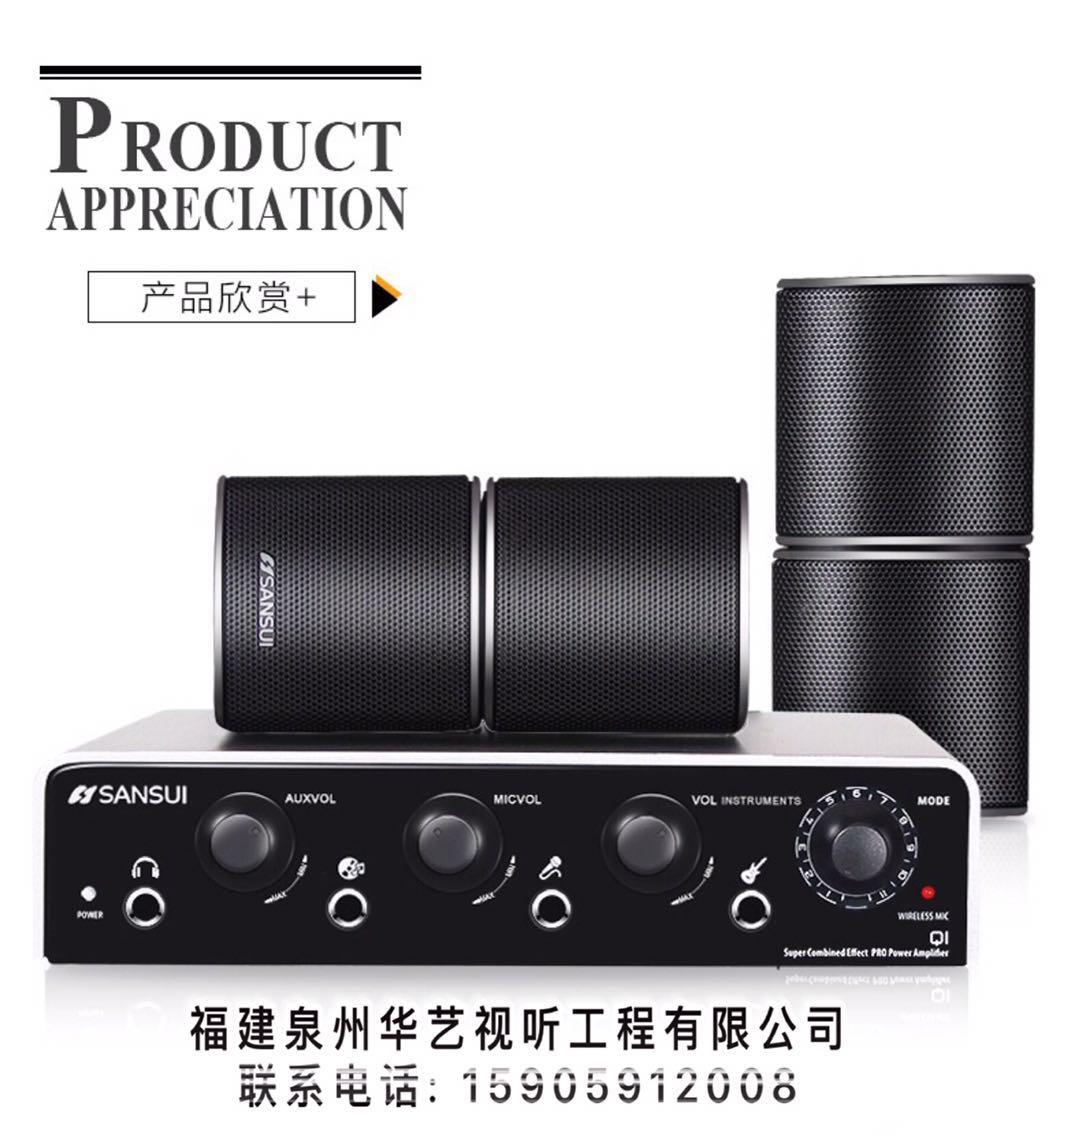 专业的山水Q1超级音响家庭影院音箱供应商推荐-福建泉州山水Q1超级音响KTV无线客厅K歌音响